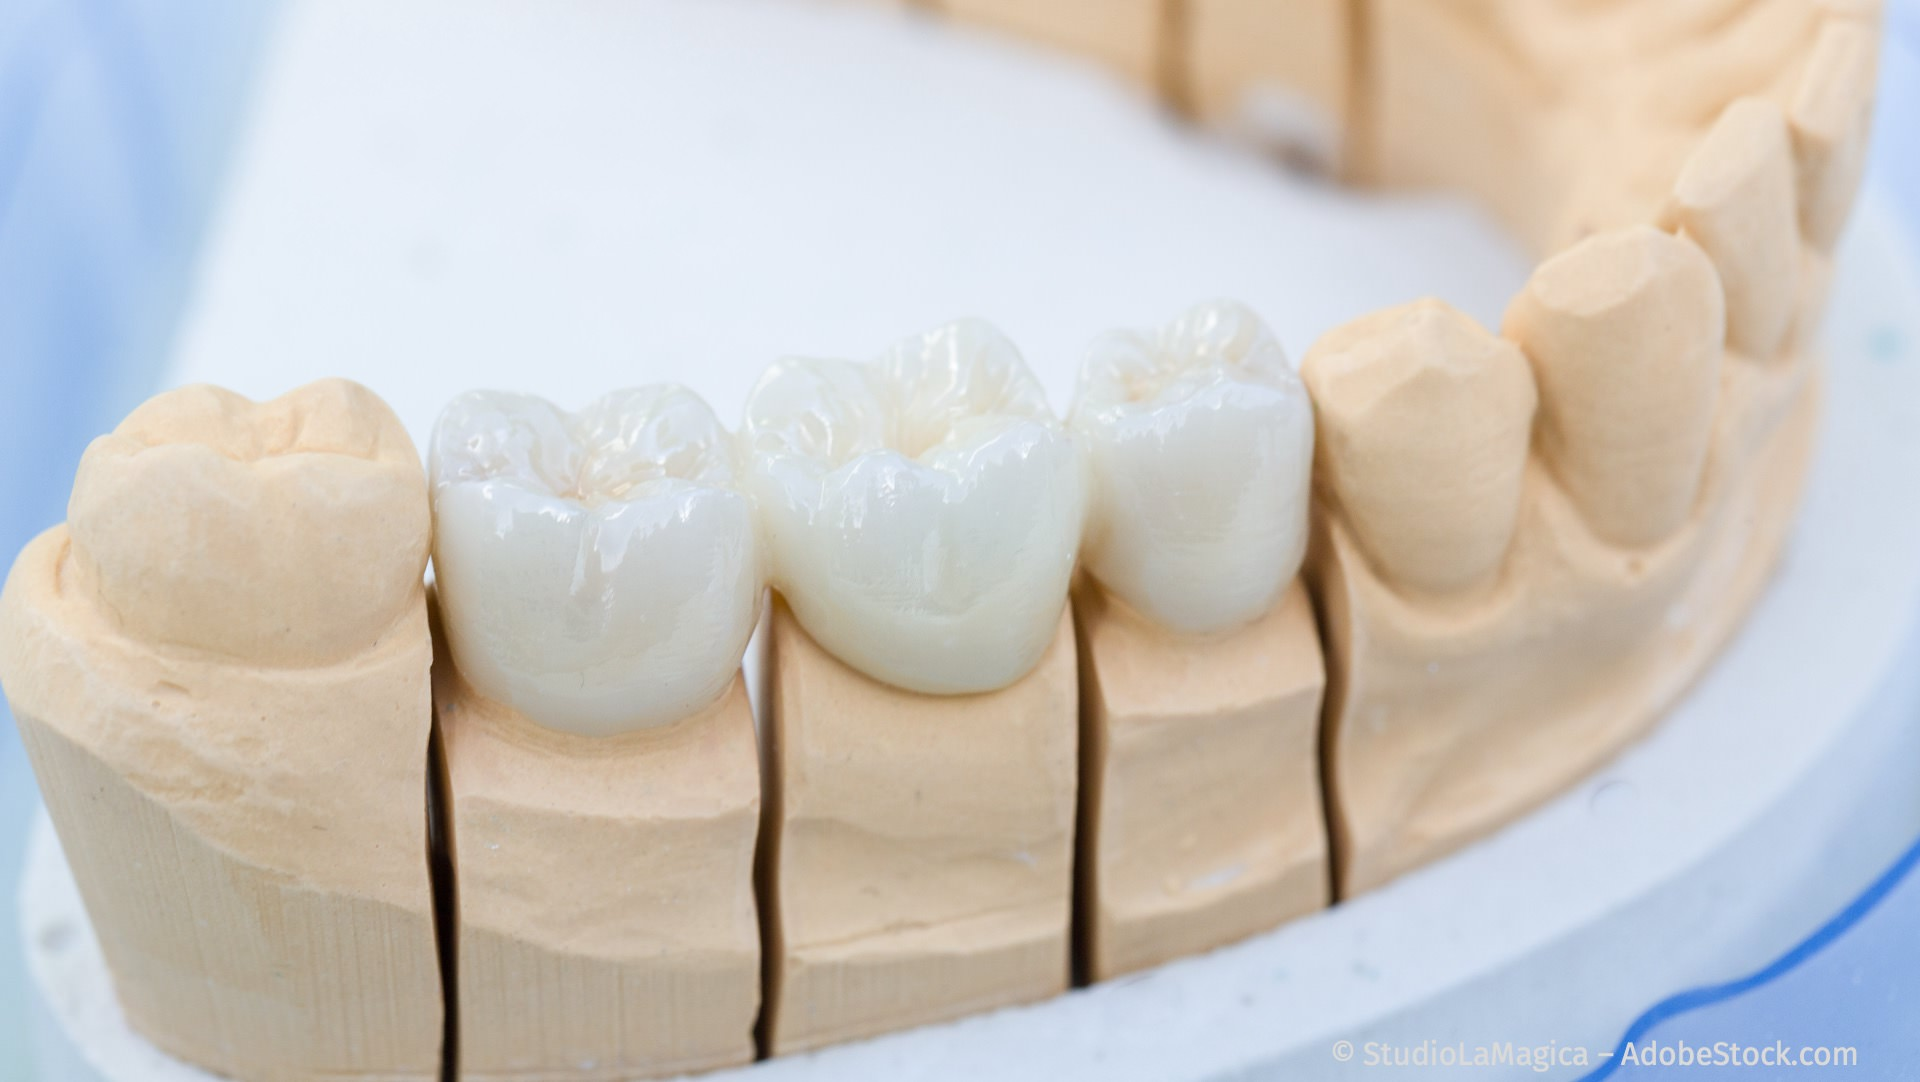 Zahnersatz: Zahnkronen und Zahnbrücken aus reiner Keramik